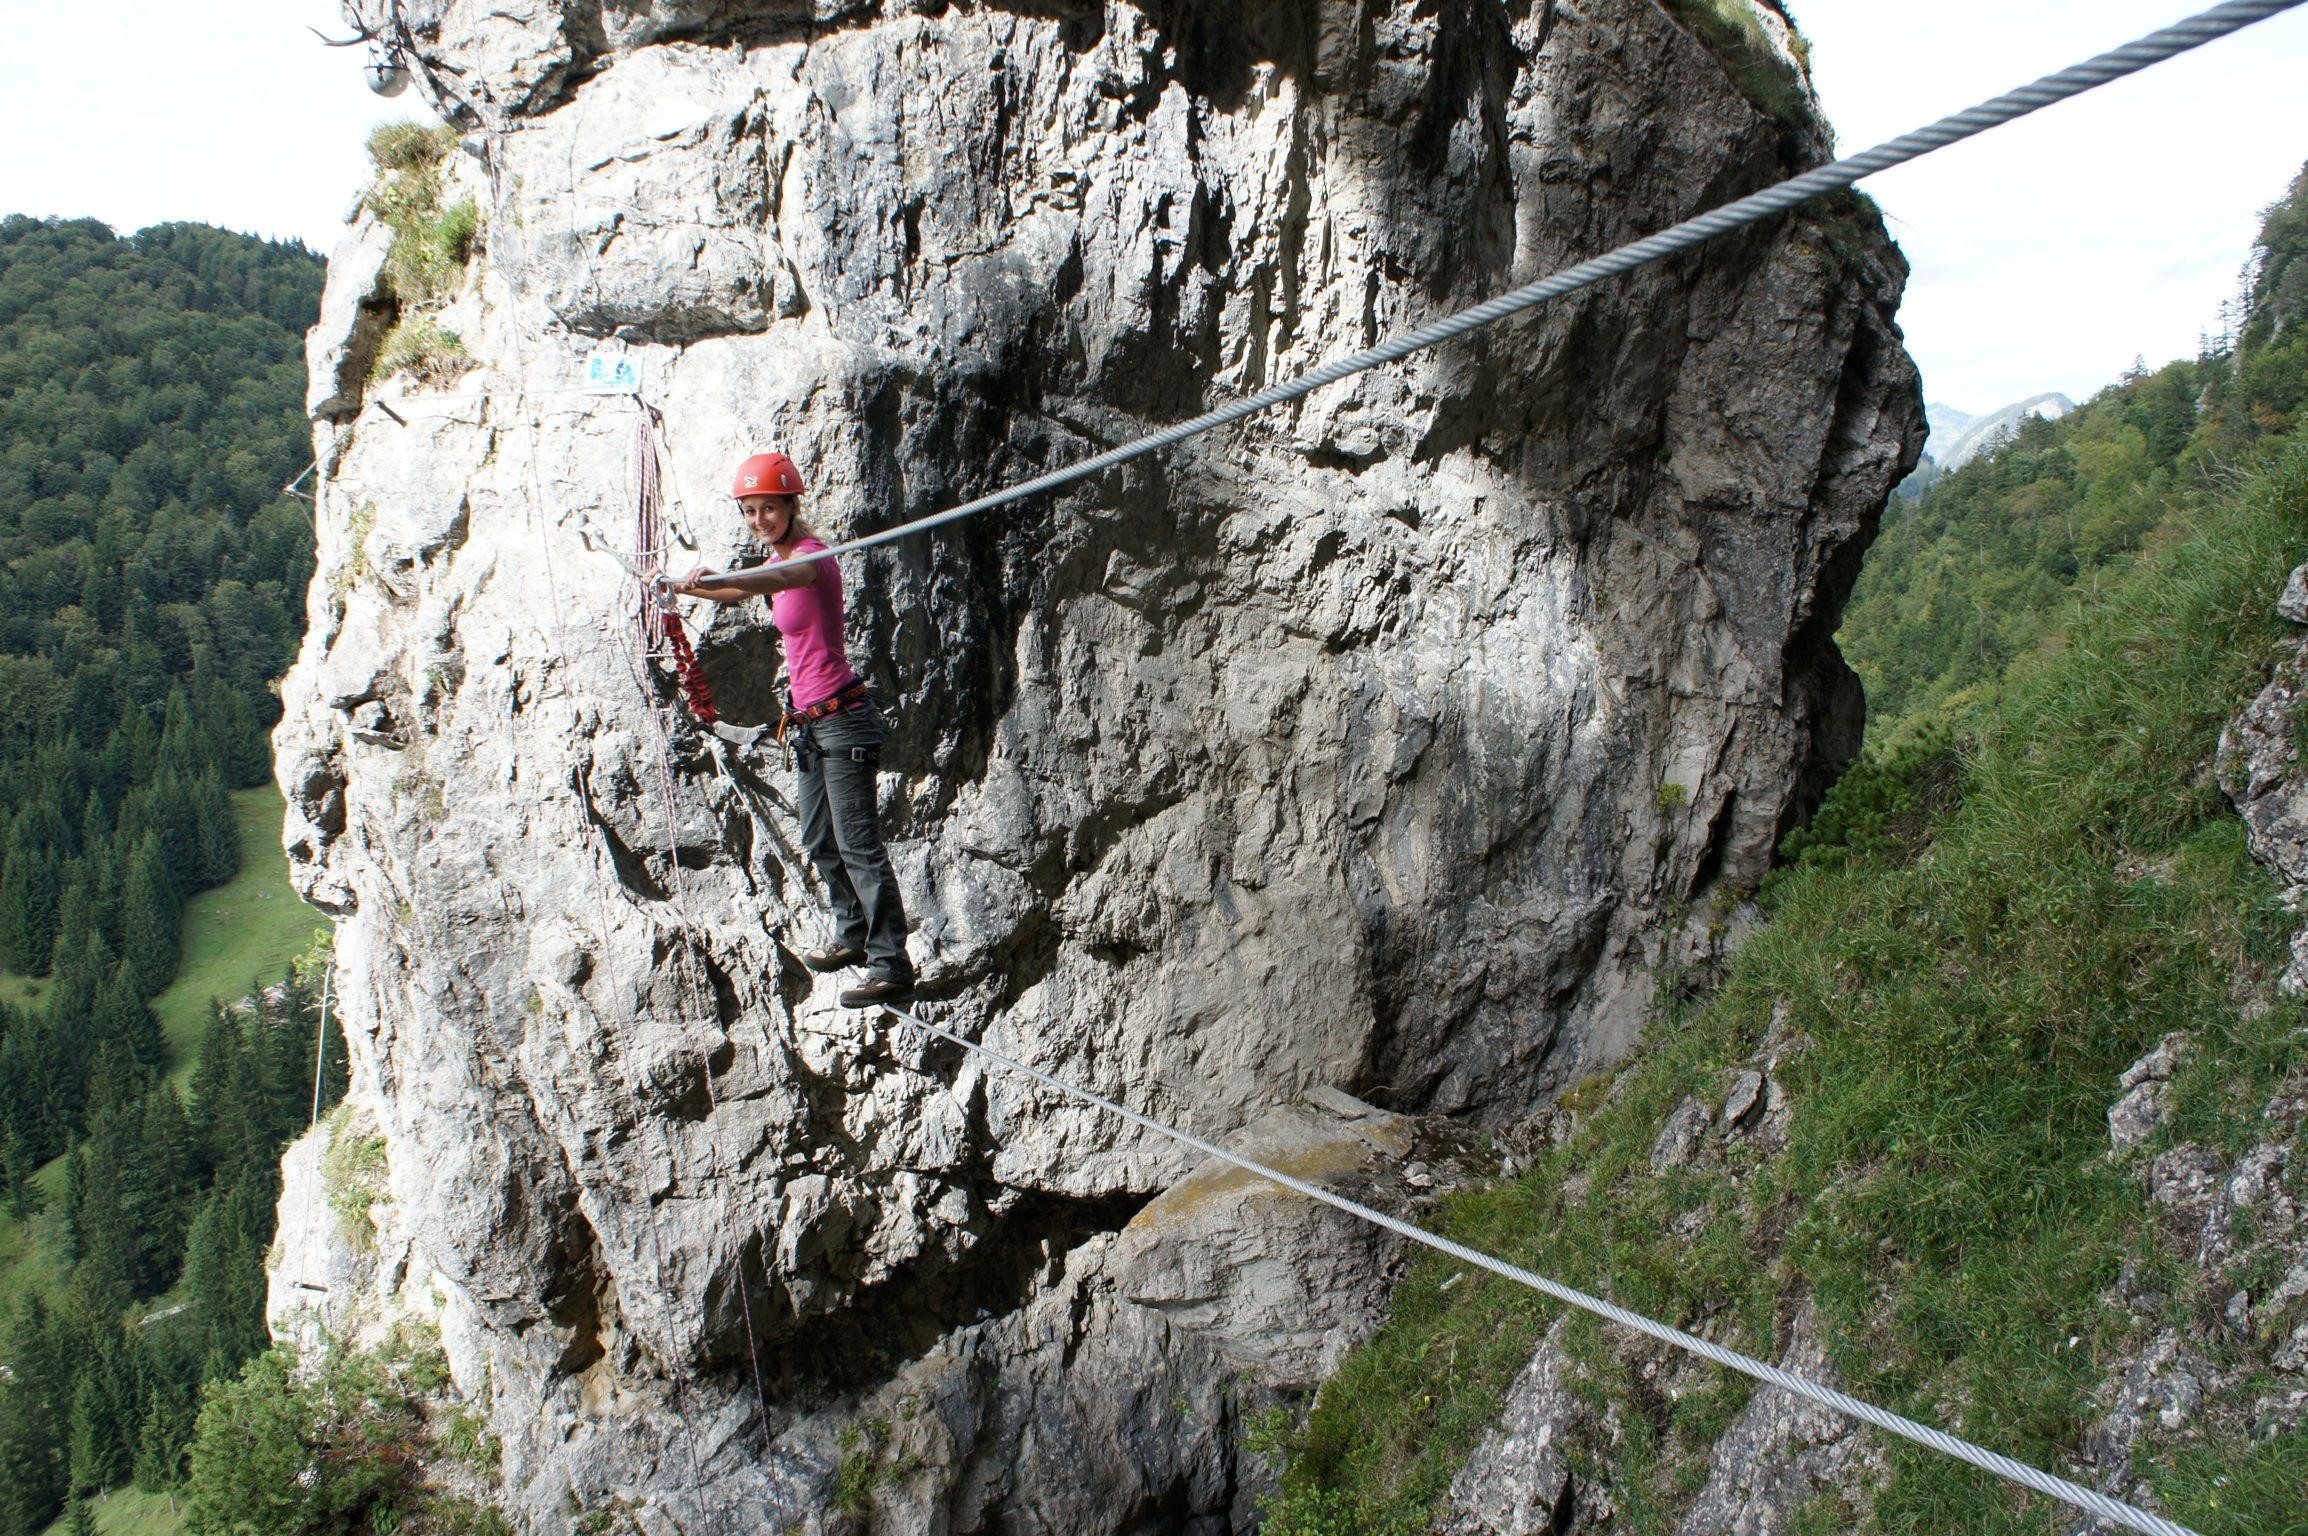 Klettersteig Ottenalm : Klettersteig ottenalm klettersteige sport outdoor